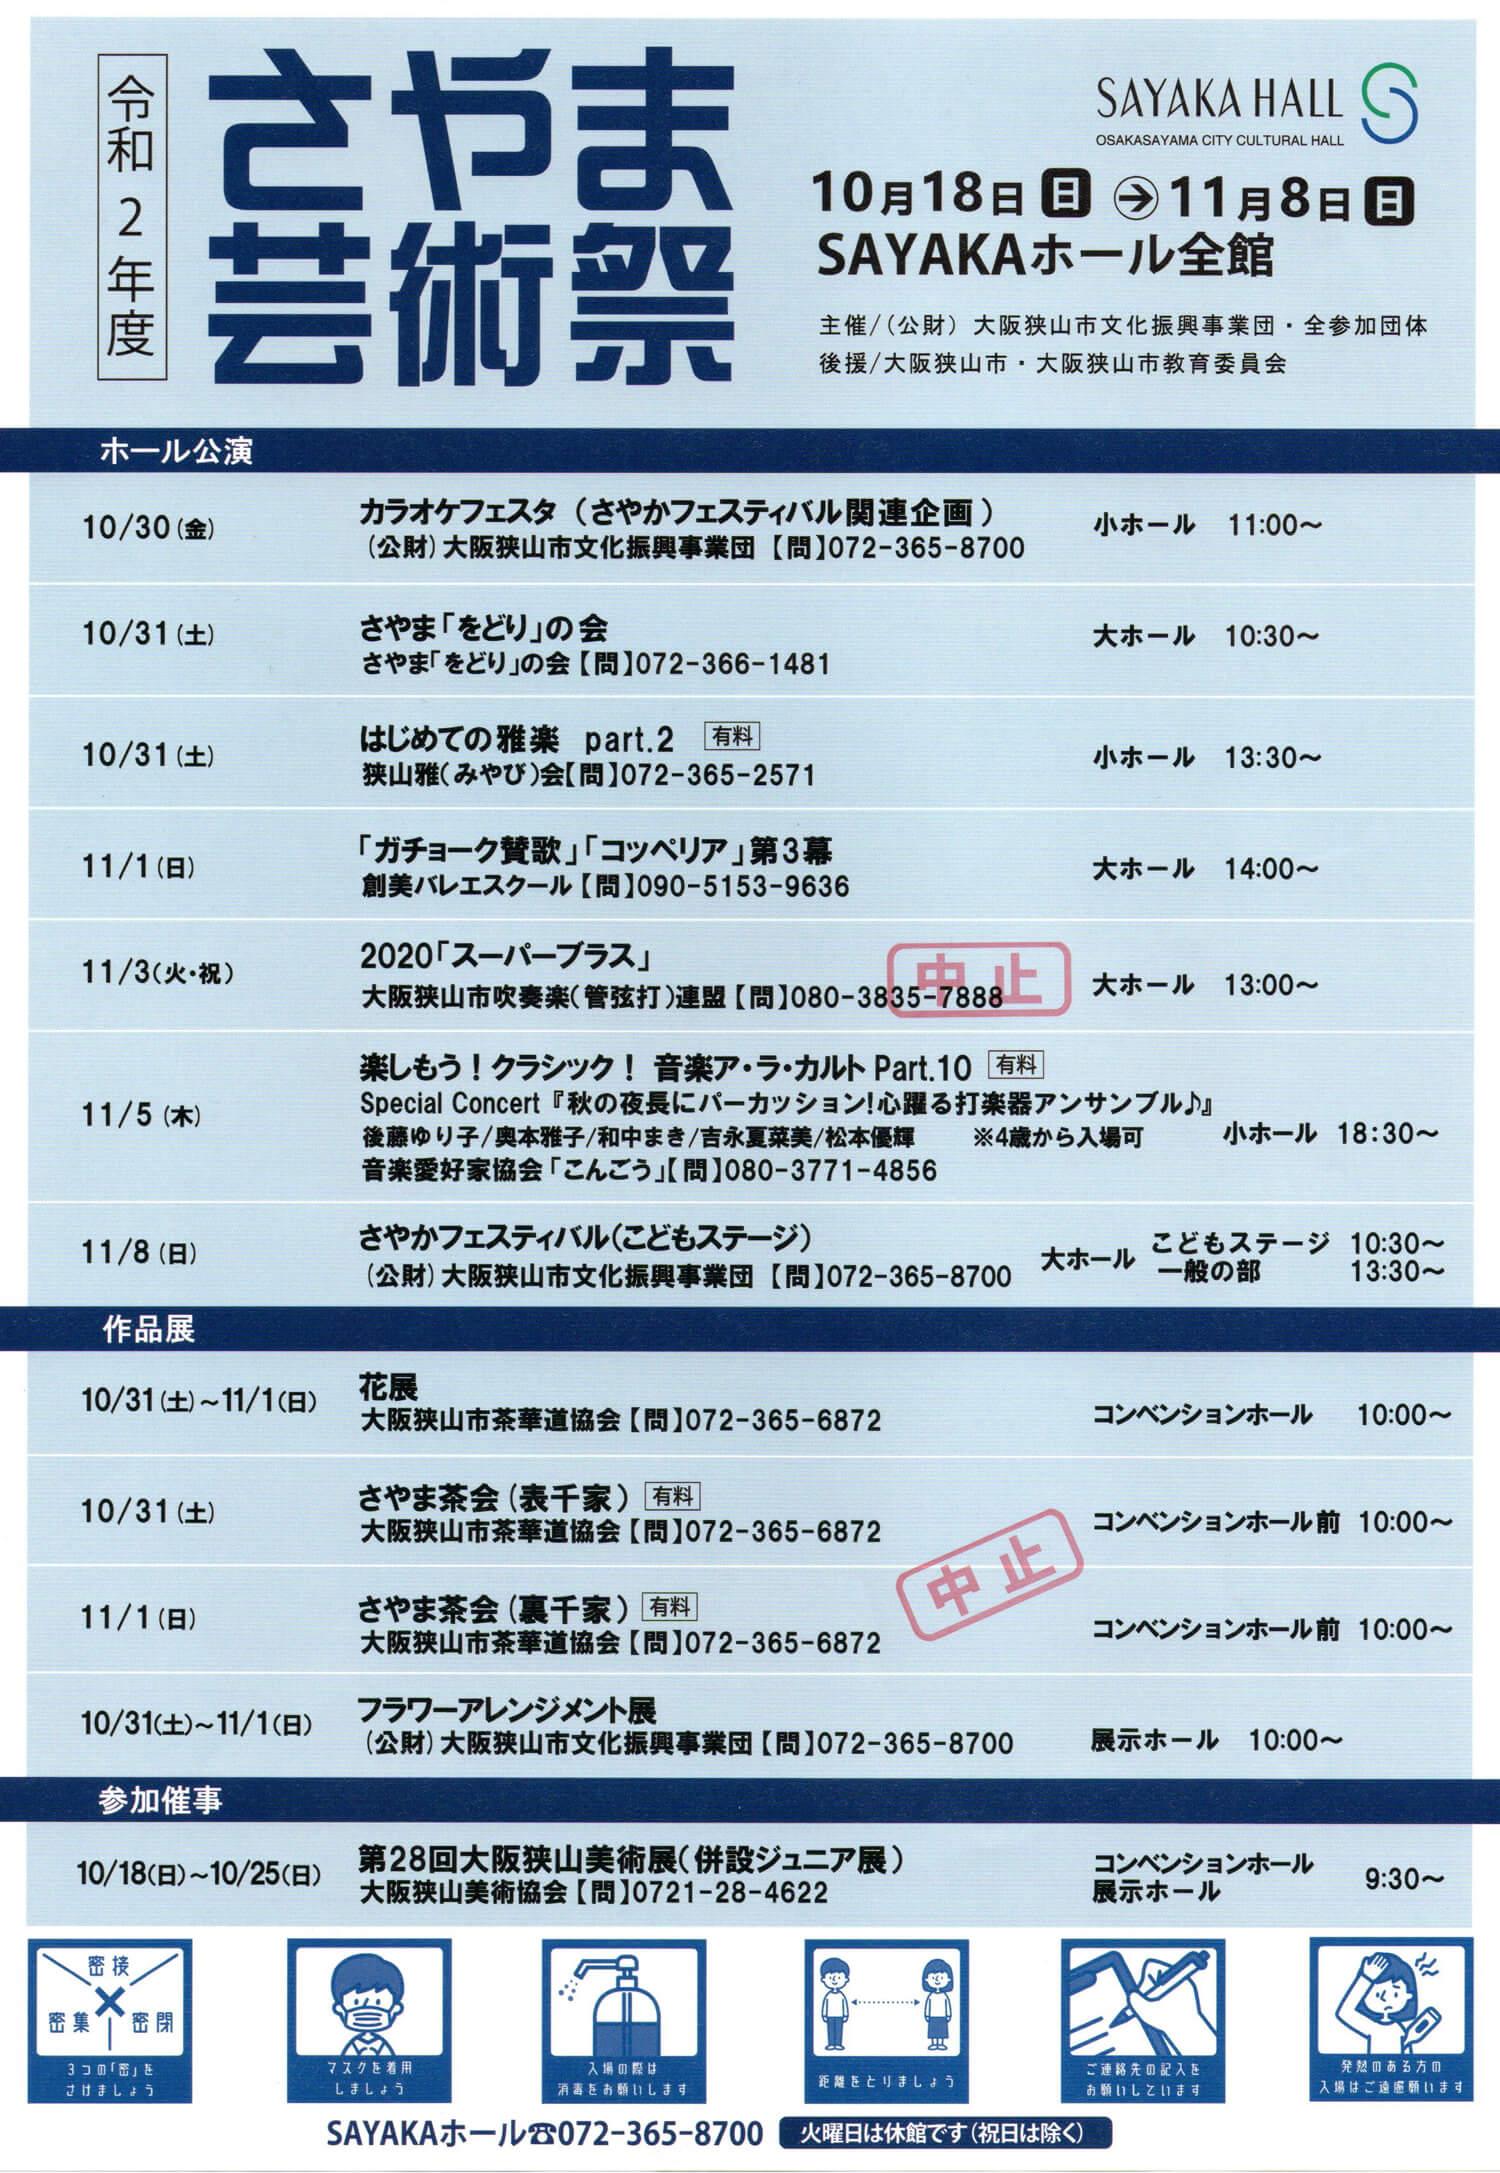 令和2年度「さやま芸術祭」が2020年10月18日~11月8日までSAYAKAホール全館で開催されます